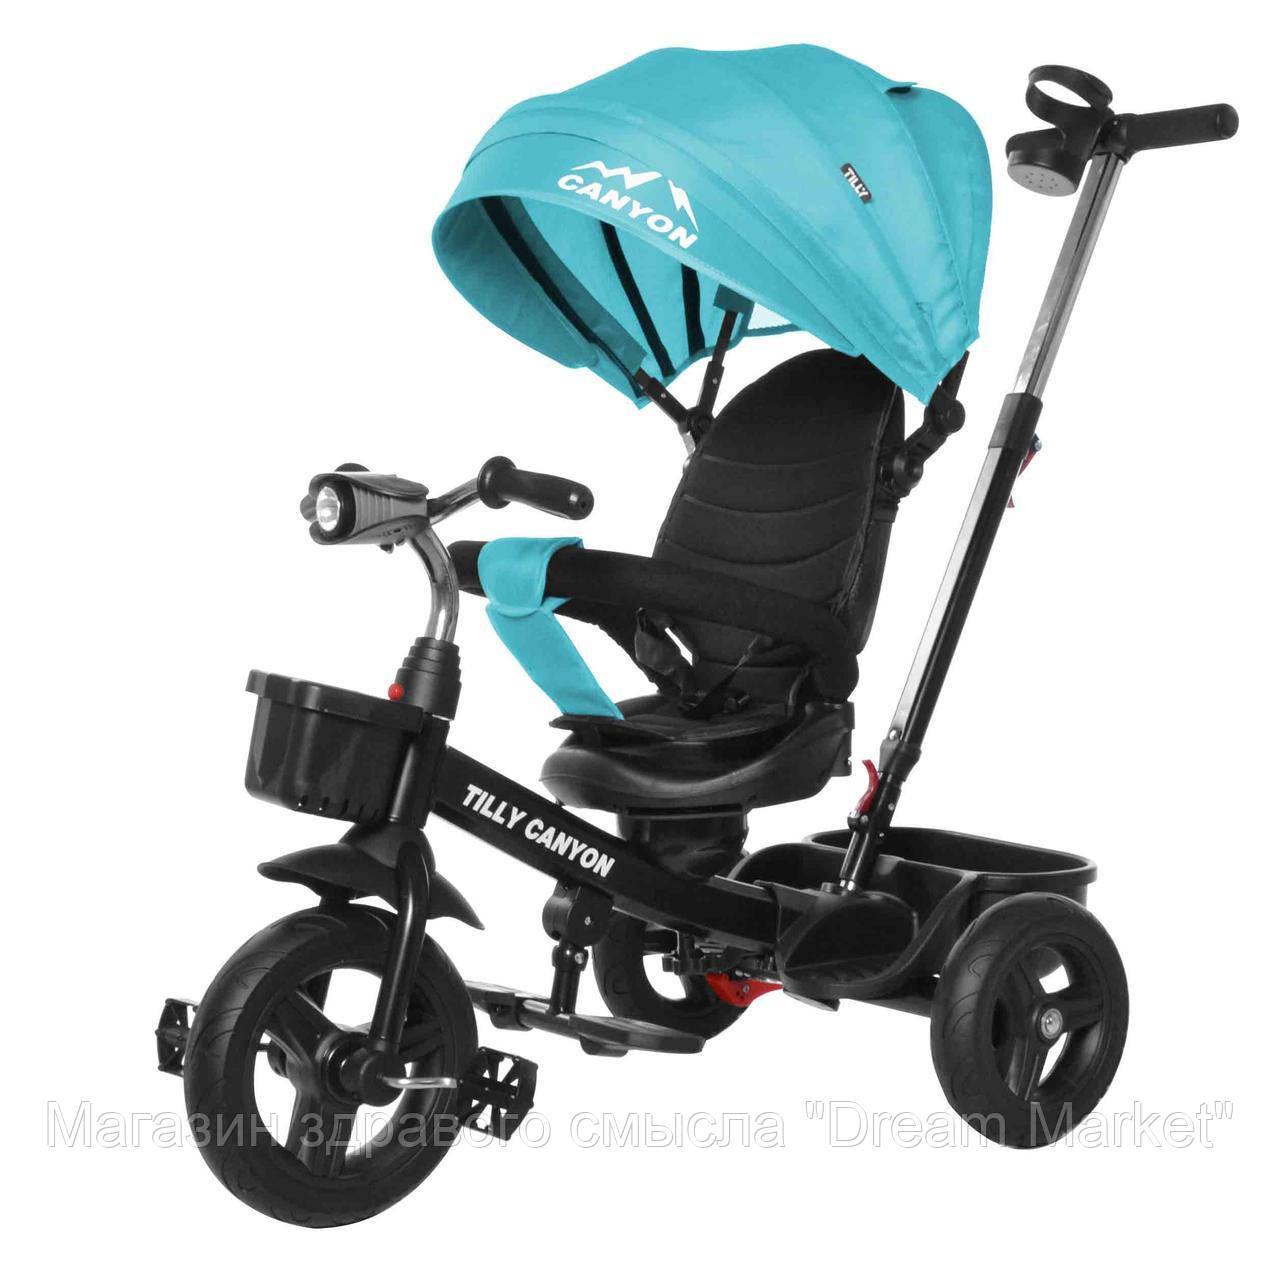 Велосипед Трехколесный с надувными колесами 8-10 дюймов родительская ручка, 2 тормоза - Tilly Canyon